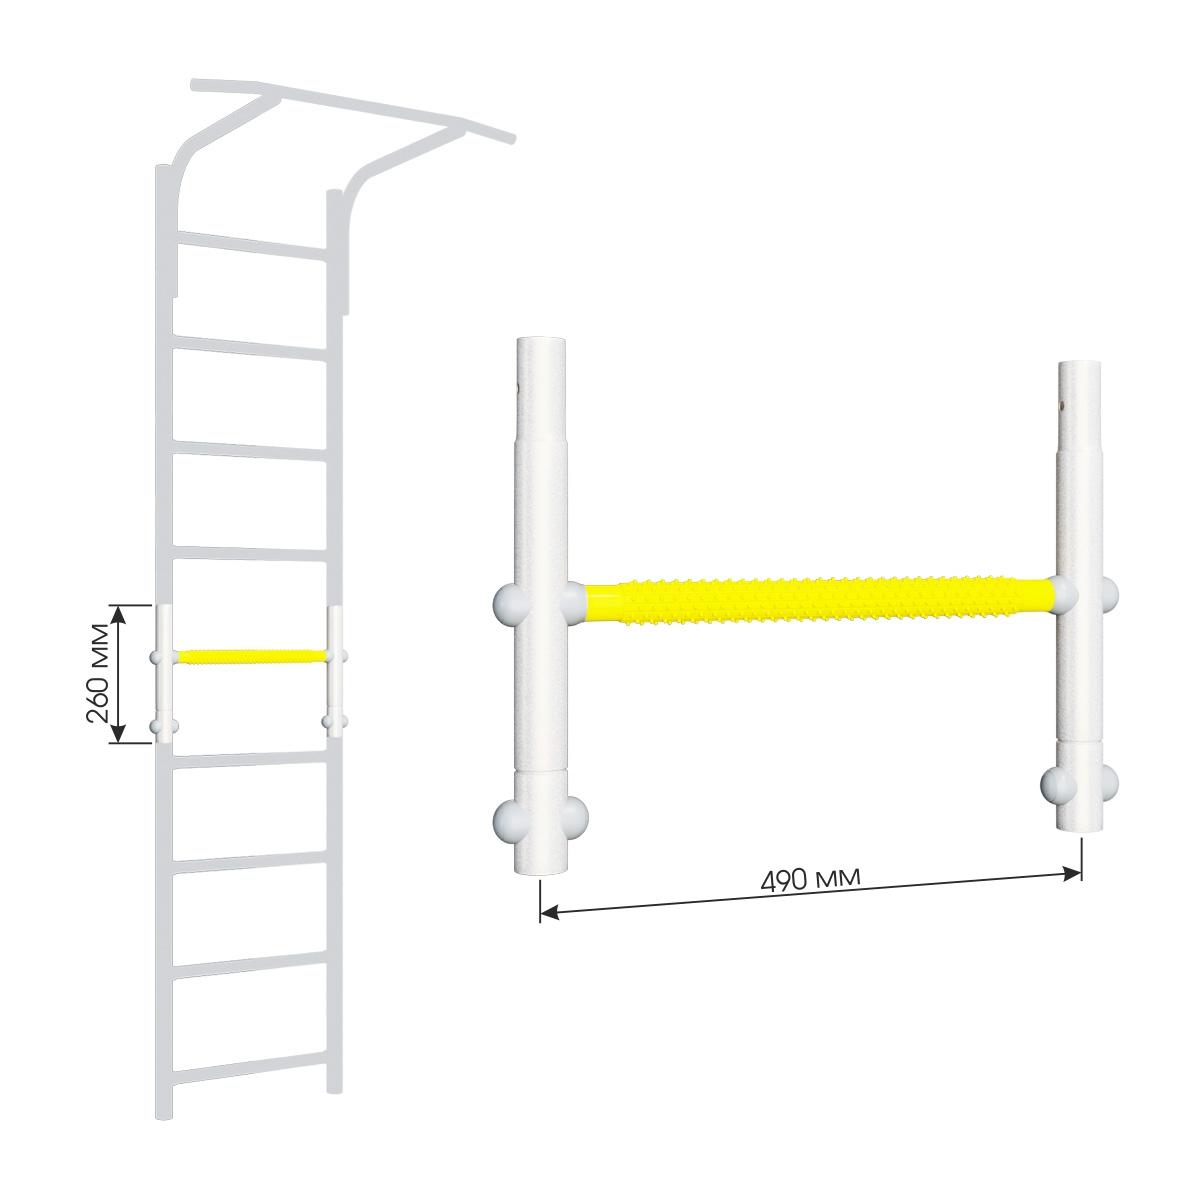 Вставка для увеличения высоты ДСКМ 490 Romana Dop9 (6.06.01) белый прованс/жёлтый